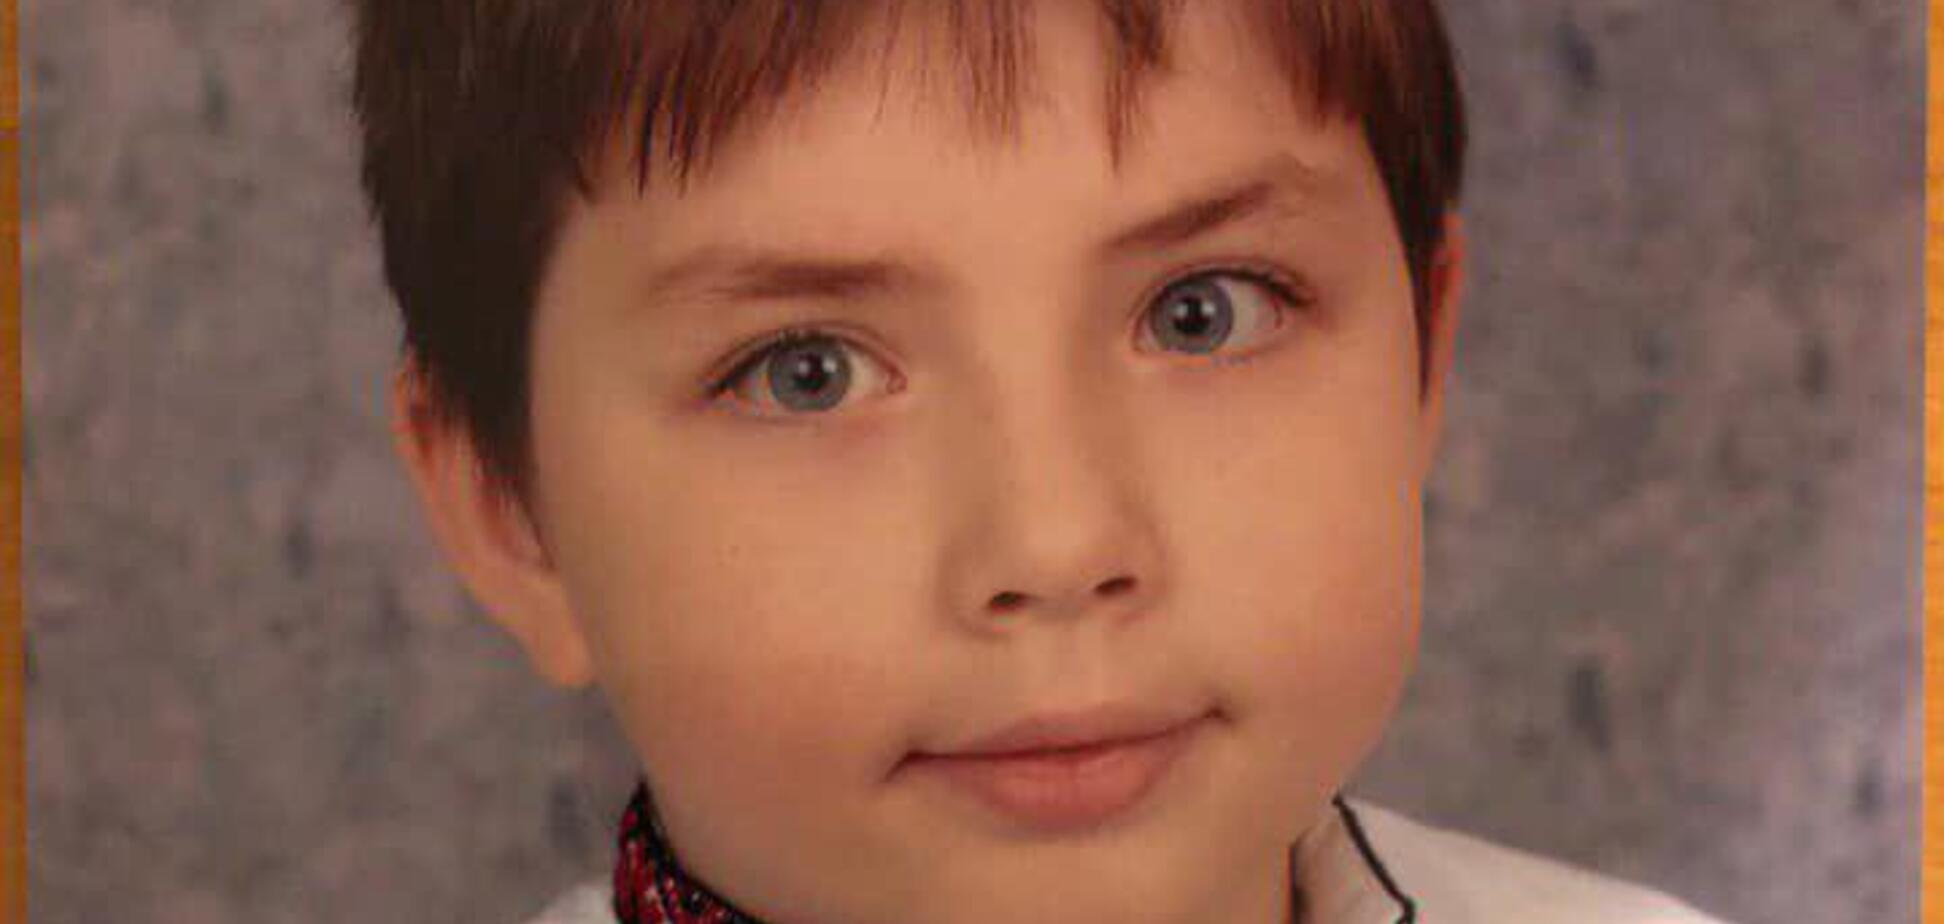 Подозревается родственник: появились подробности об убийстве 9-летнего мальчика в Киеве